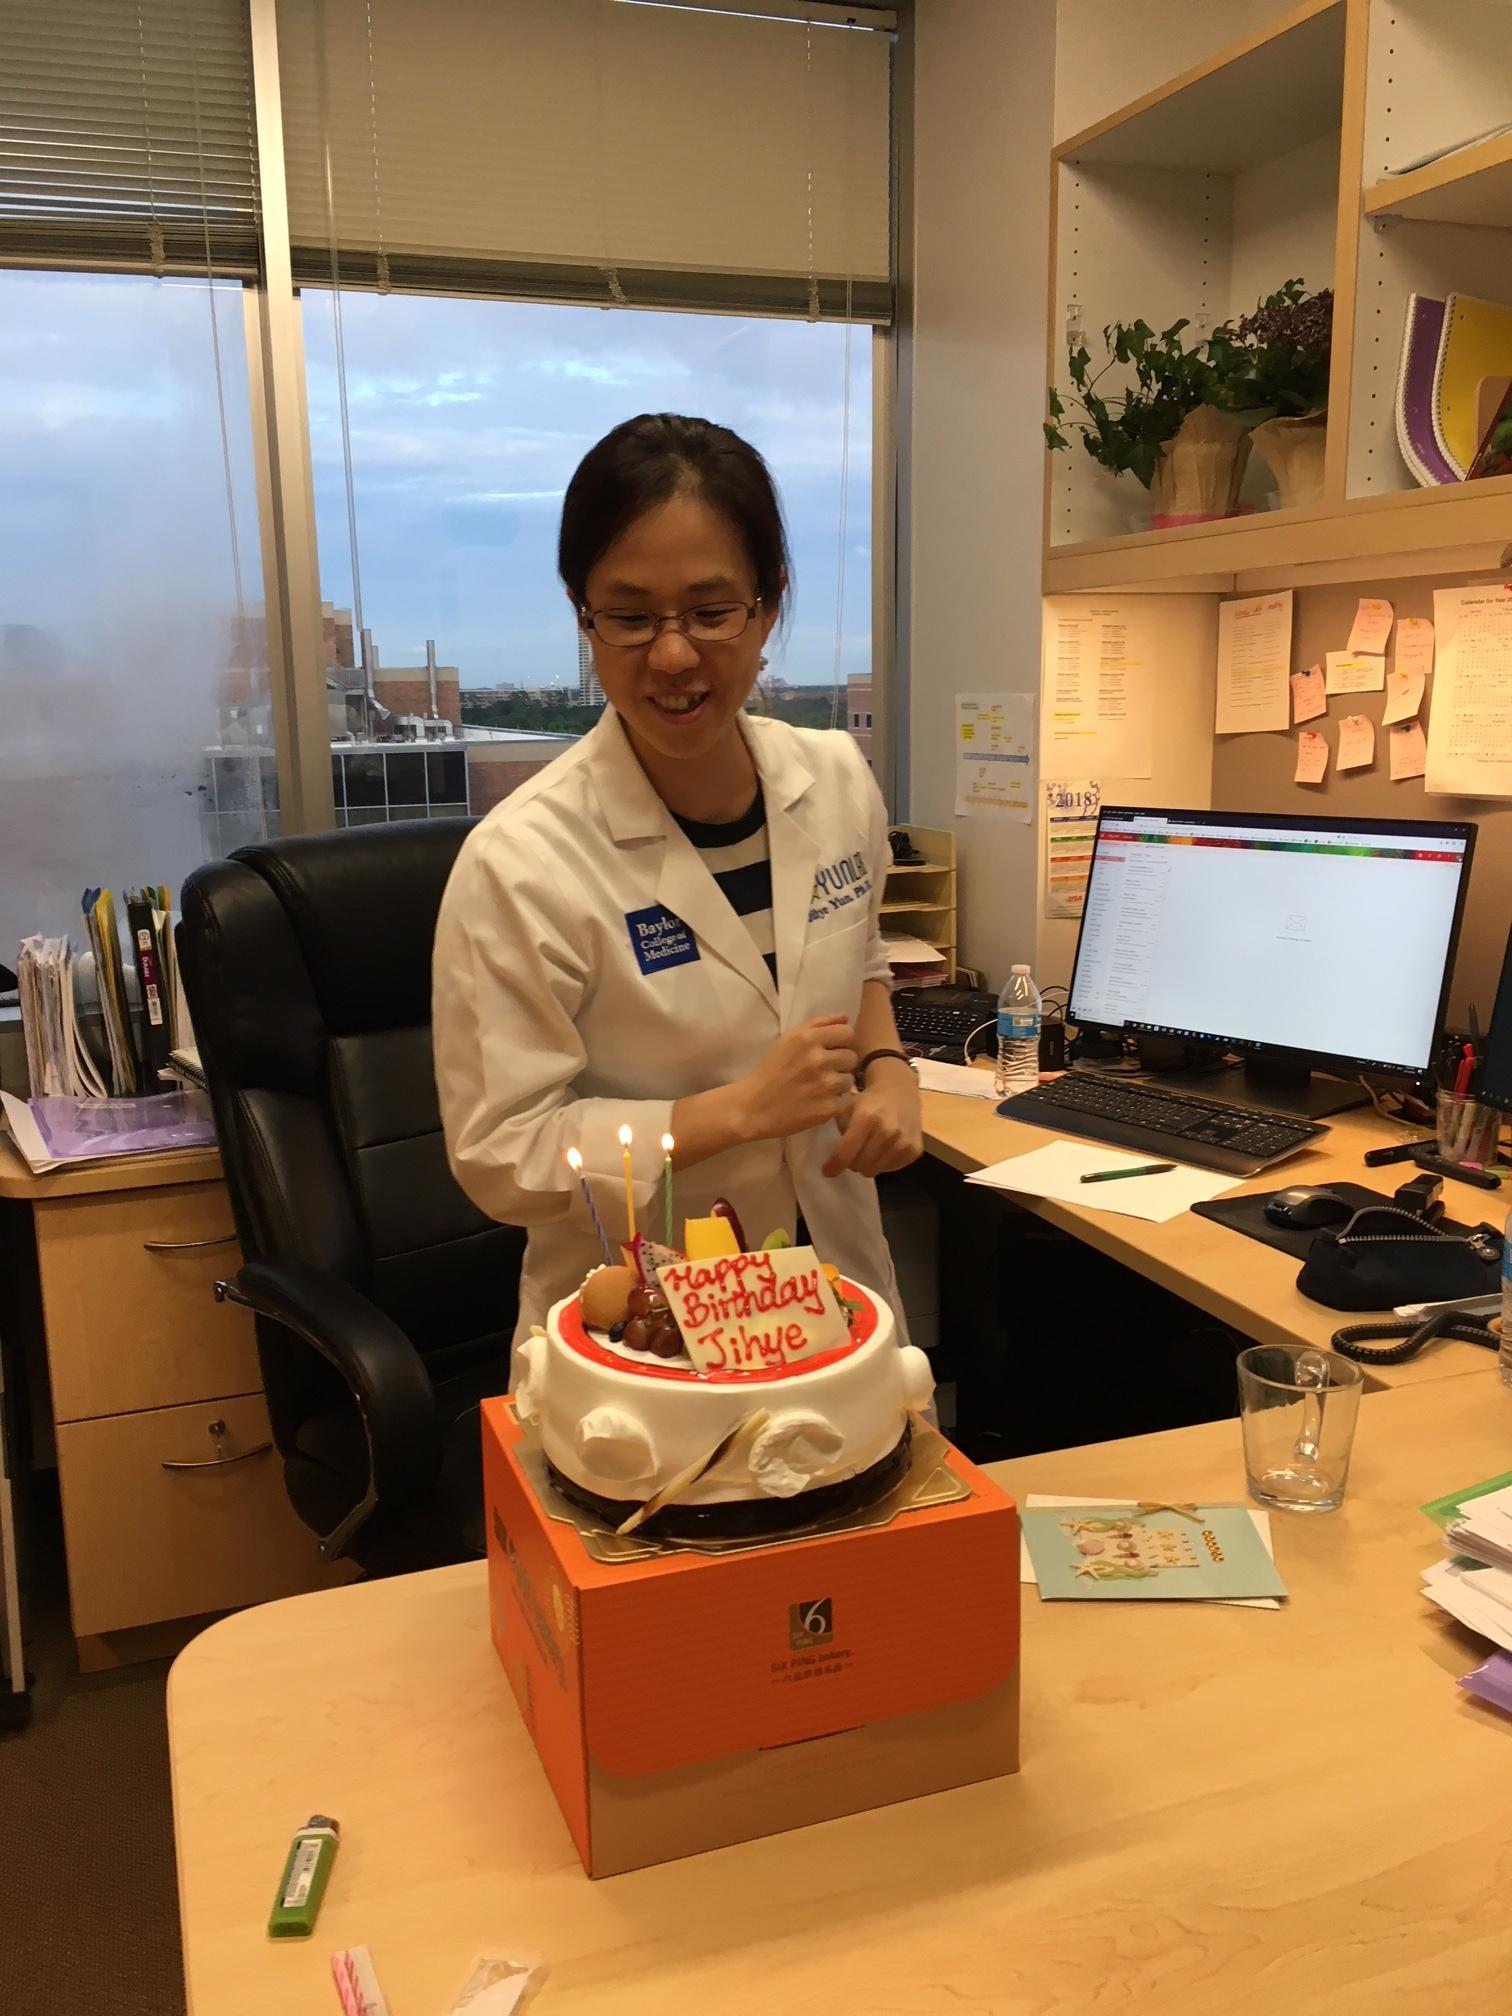 Surprise Jihye with Birthday Cake!  Sep. 2018